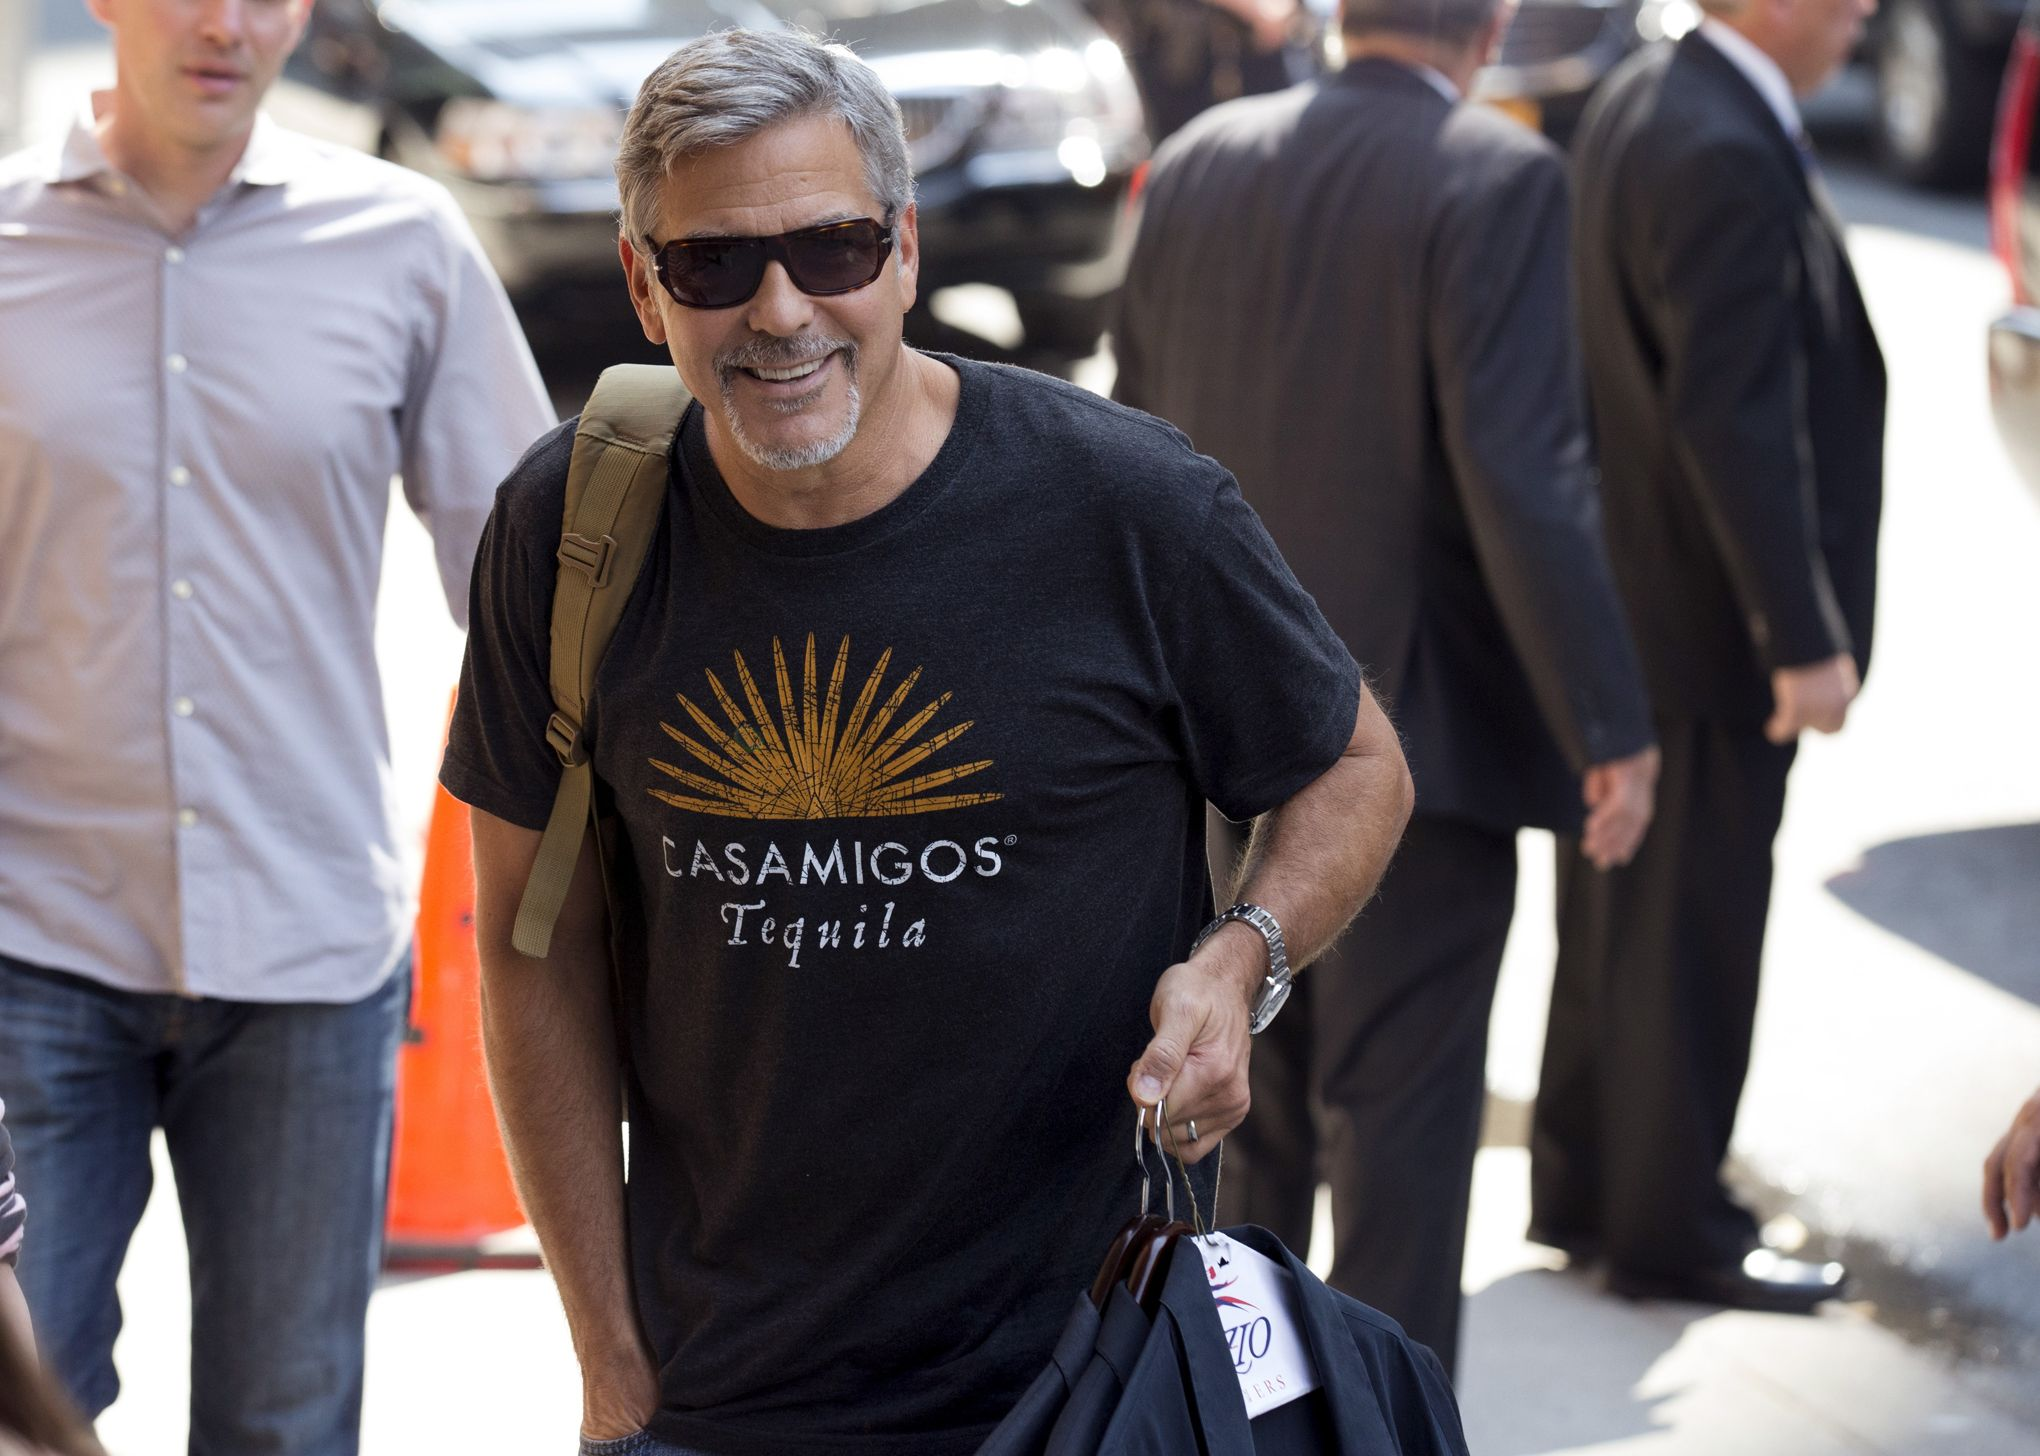 George Clooney vend sa marque de tequila Casamigos pour 1 milliard de dollars